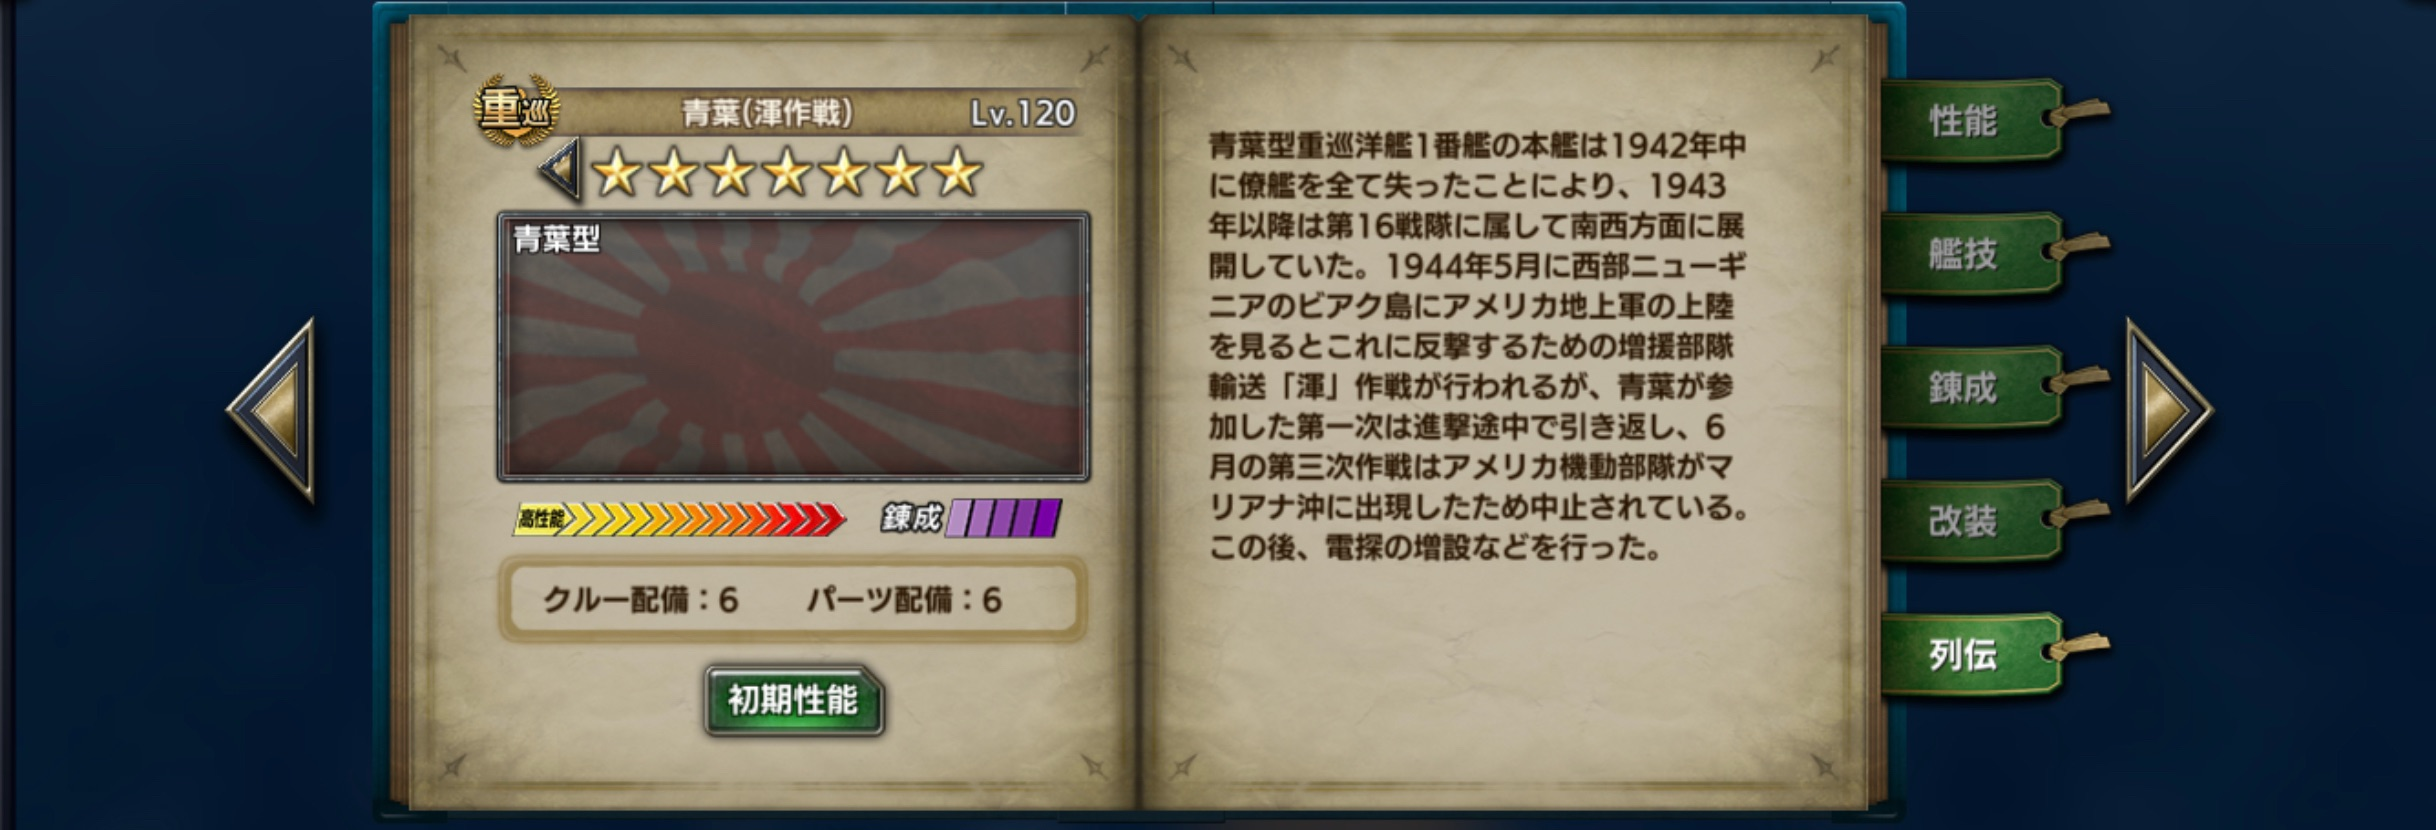 AobaK-history